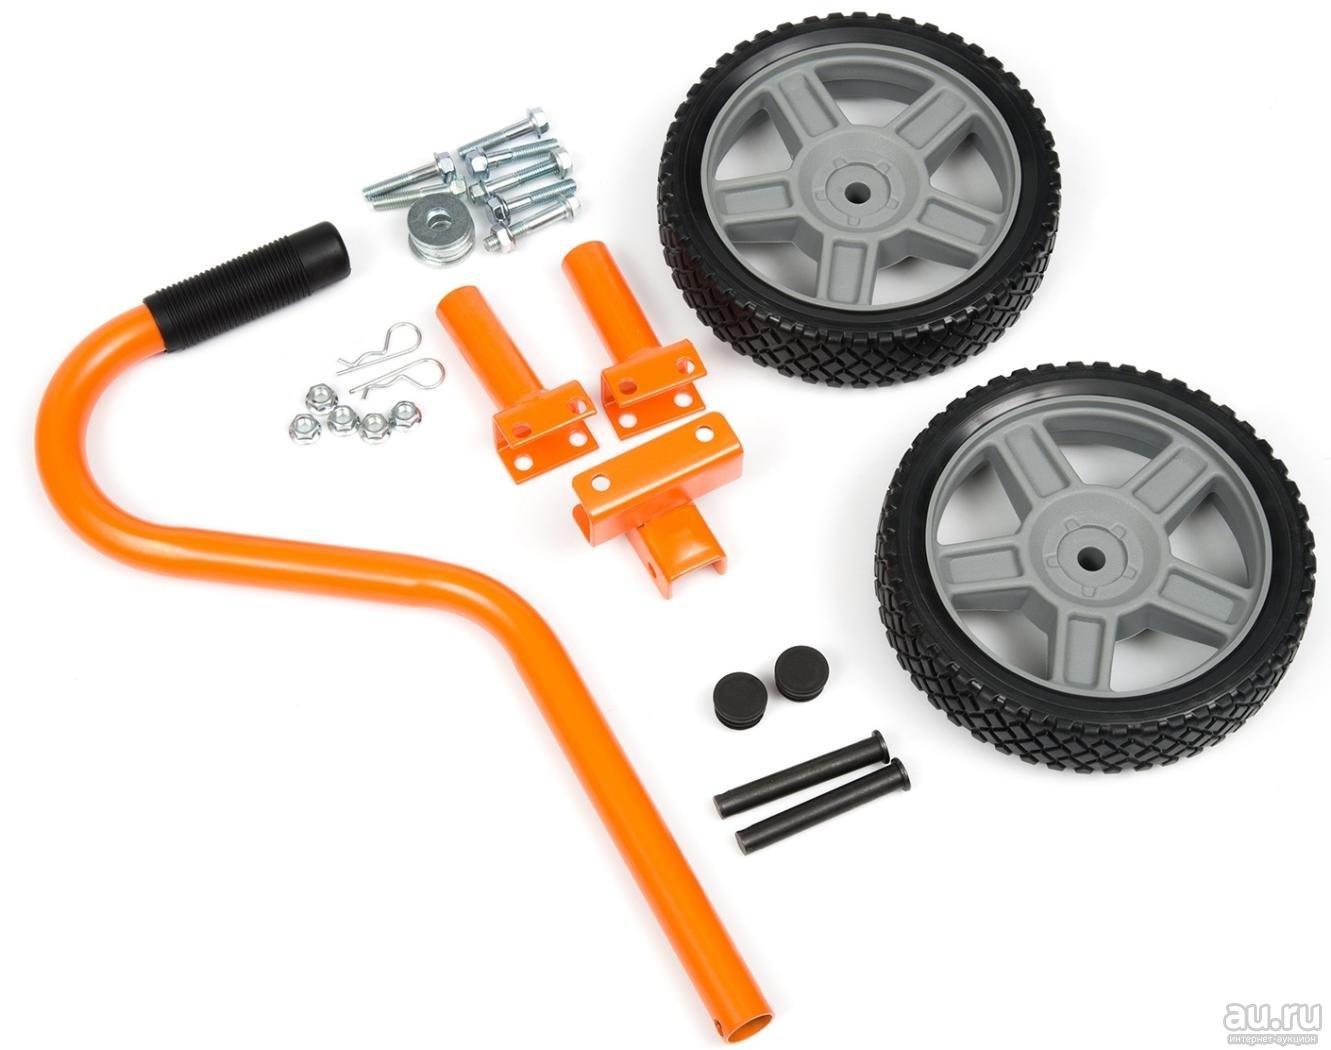 Комплект колес для генераторов ECT 7000 в Красногорске